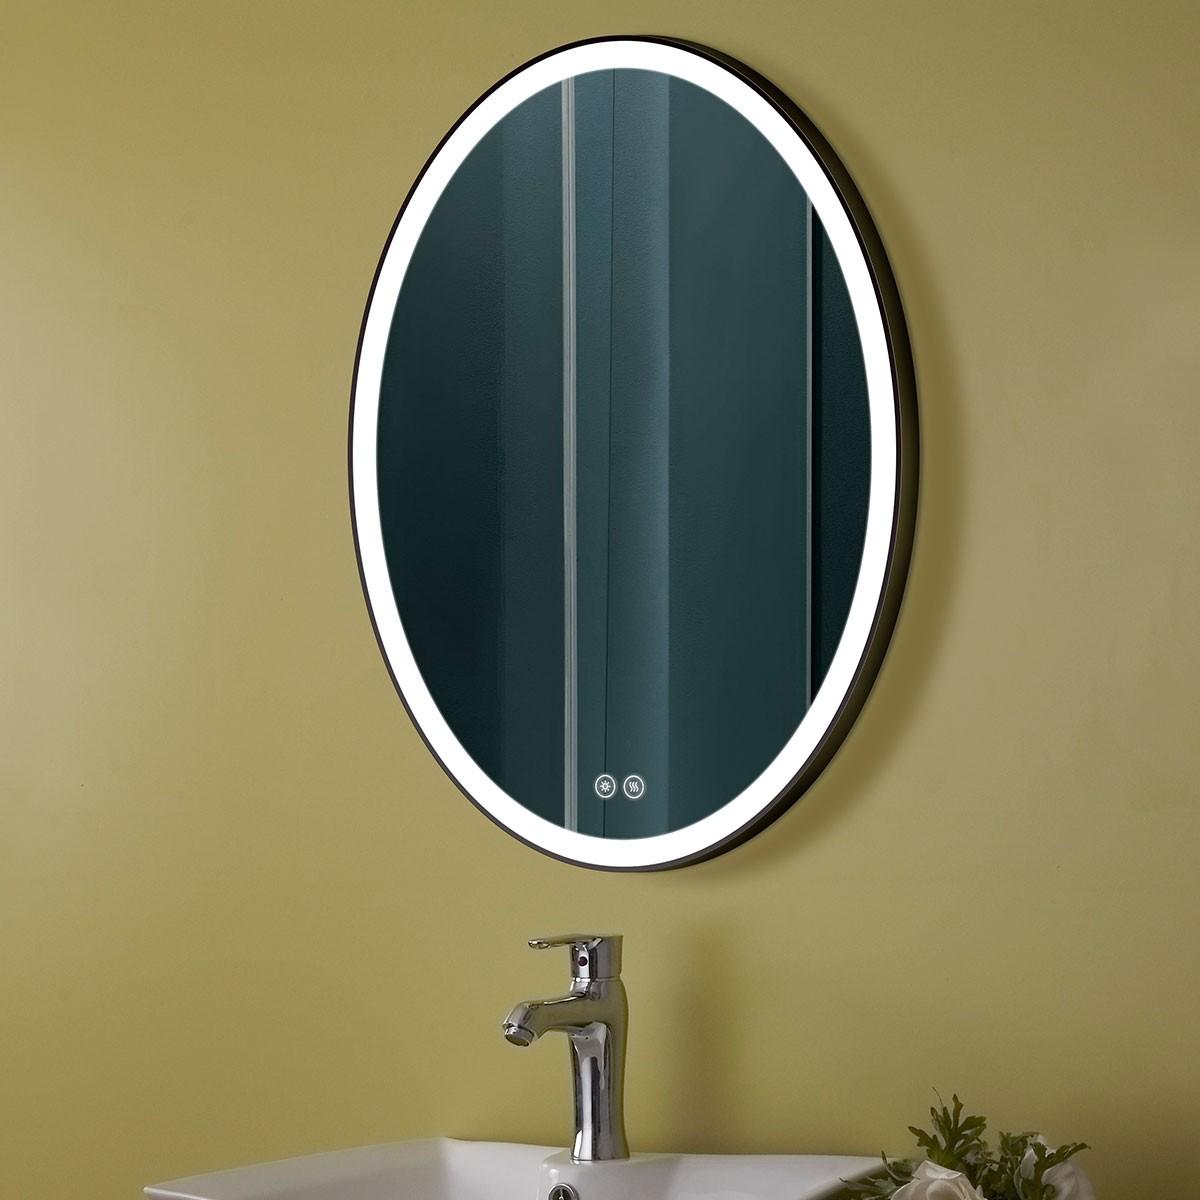 DECORAPORT 24 x 32 Po Miroir de Salle de Bain LED/Miroir Chambre avec Bouton Tactile, Anti-Buée, Luminosité Réglable, Montage Vertical & Horizontal (D1102-2432)